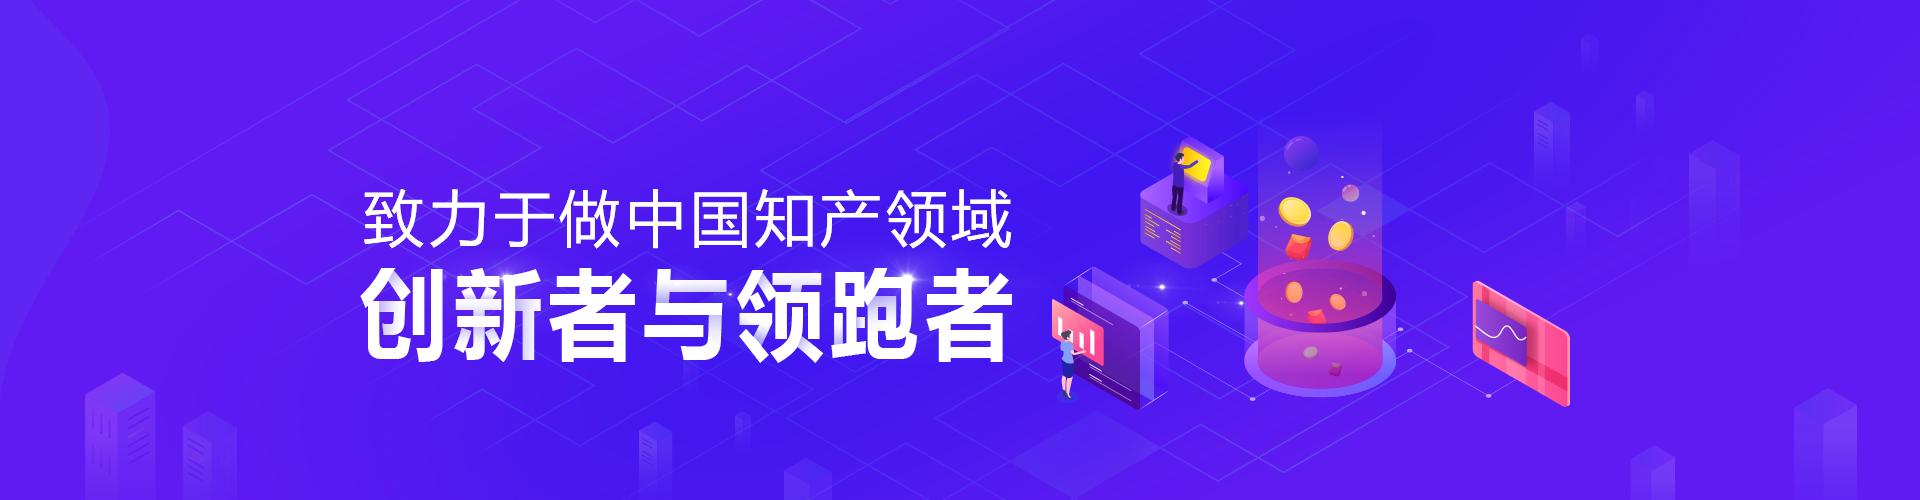 致力于做中国知产领域创新者与领跑者